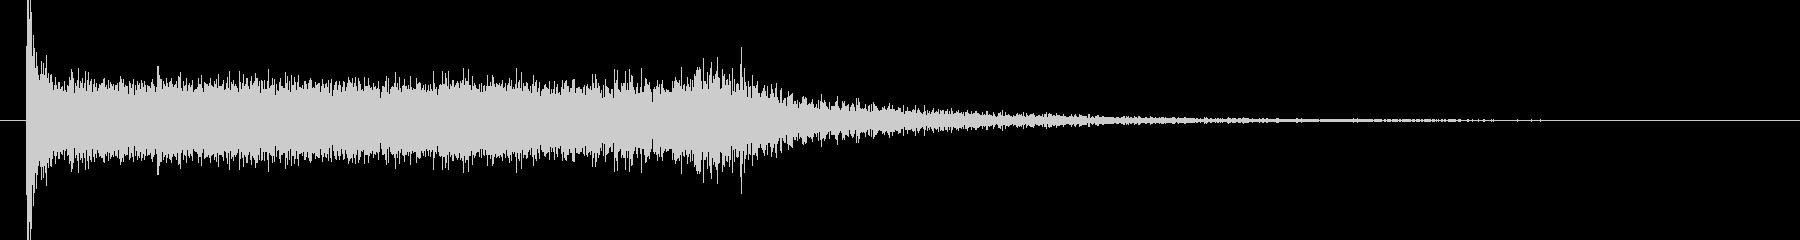 「ガーン シュワーン(打撃音)」の未再生の波形